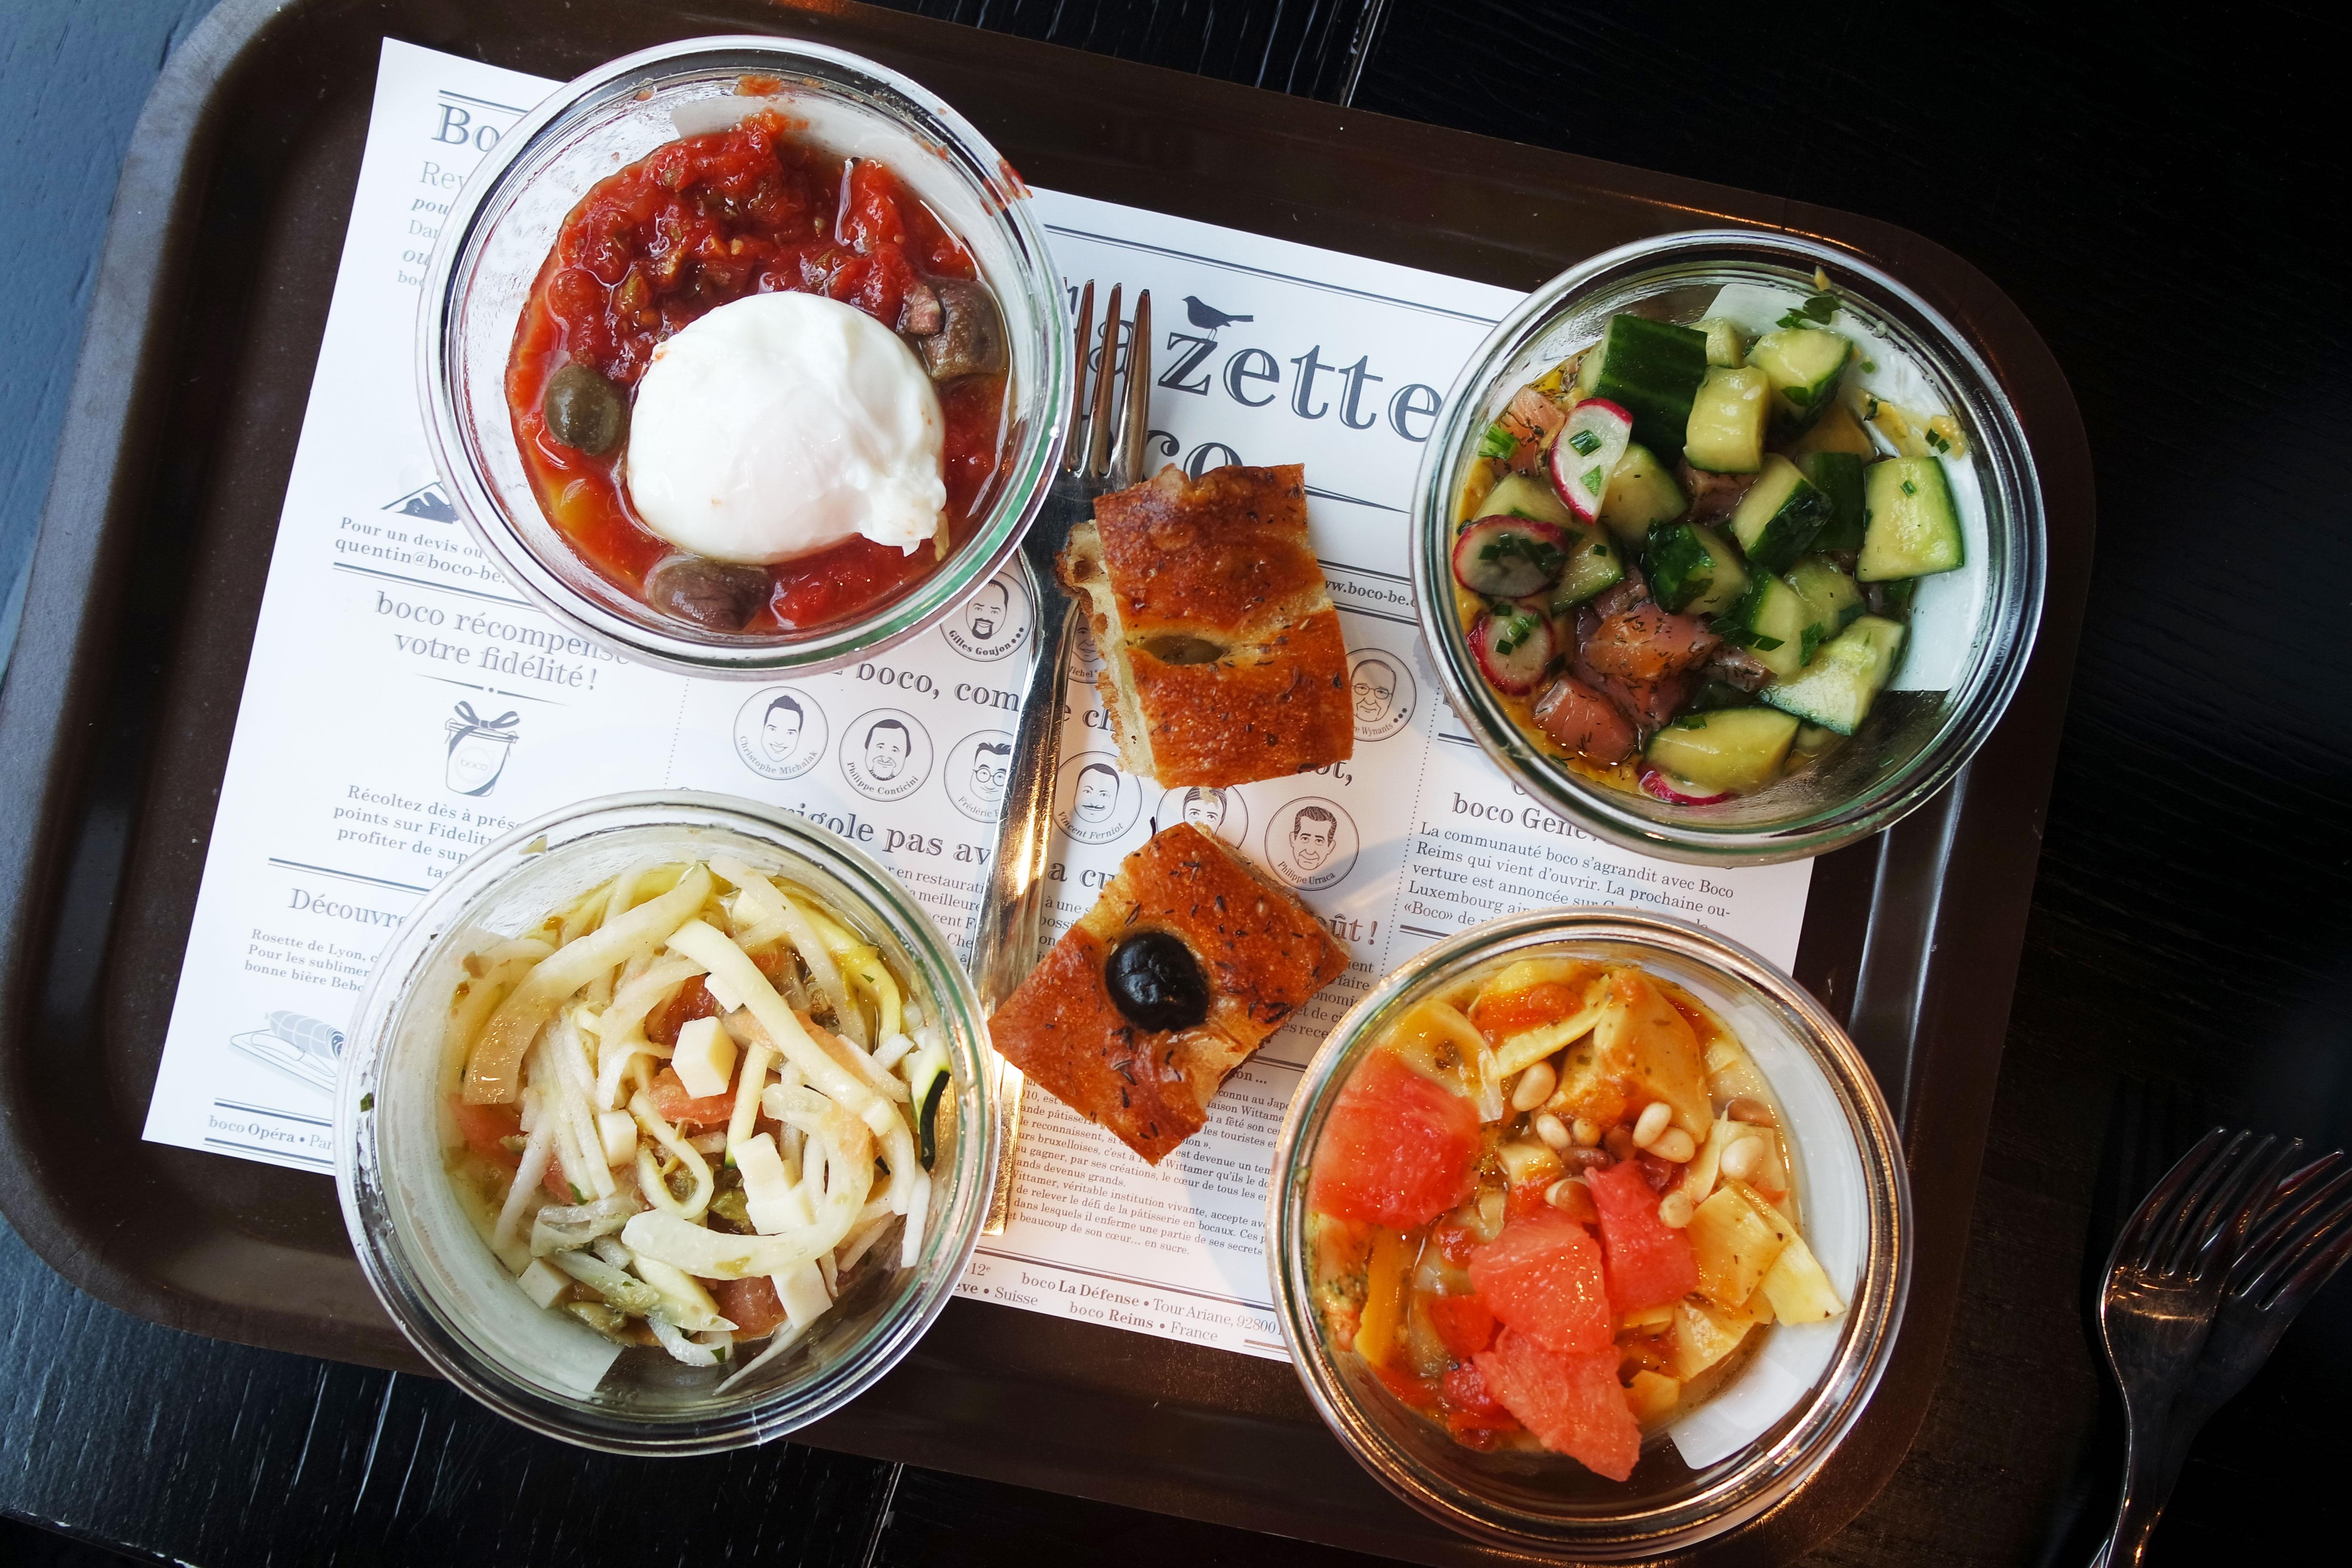 boco-bruxelles-restaurant-lunch-blog-test-avis-conseil-entrée-carte